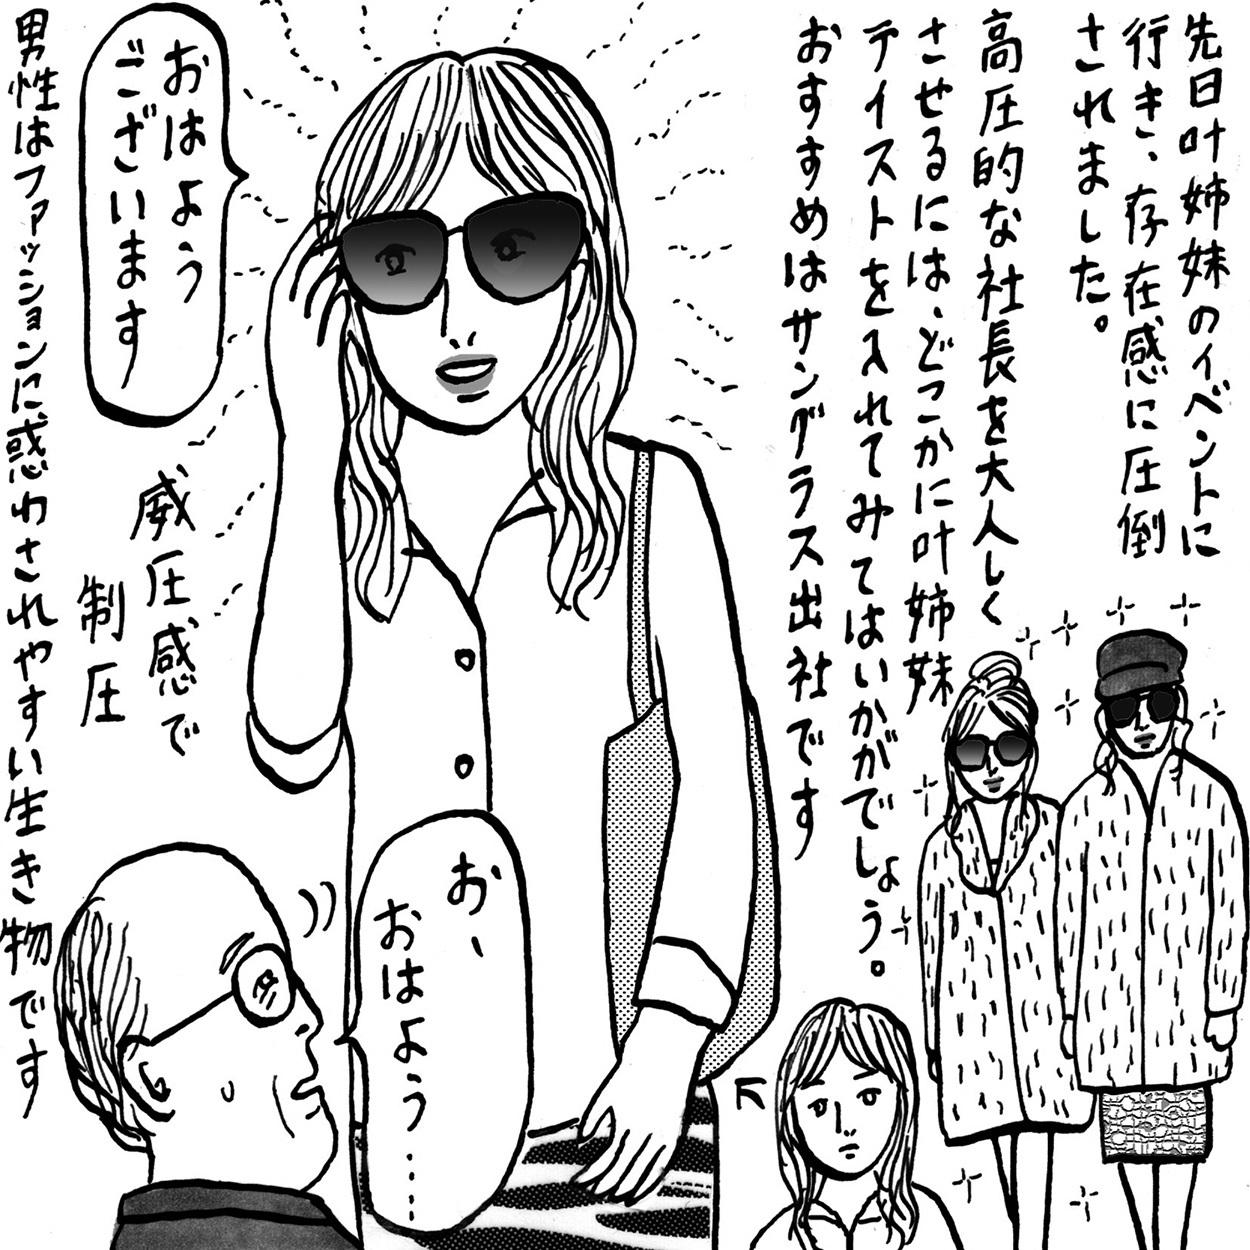 「高圧的な社長にもう、ガマンの限界!」【40代お悩み相談】_1_1